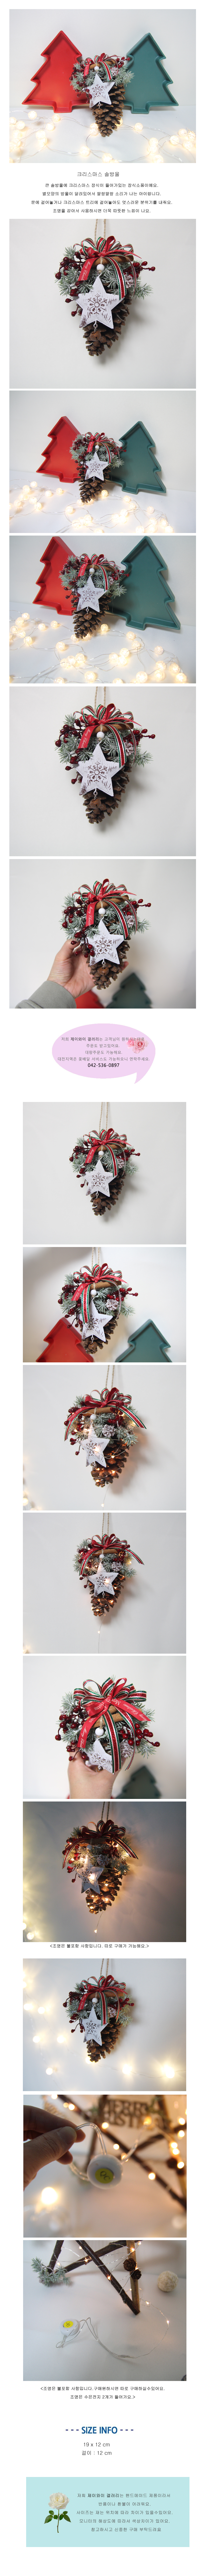 크리스마스 솔방울 - 제이와이갤러리, 17,900원, 크리스마스, 장식소품